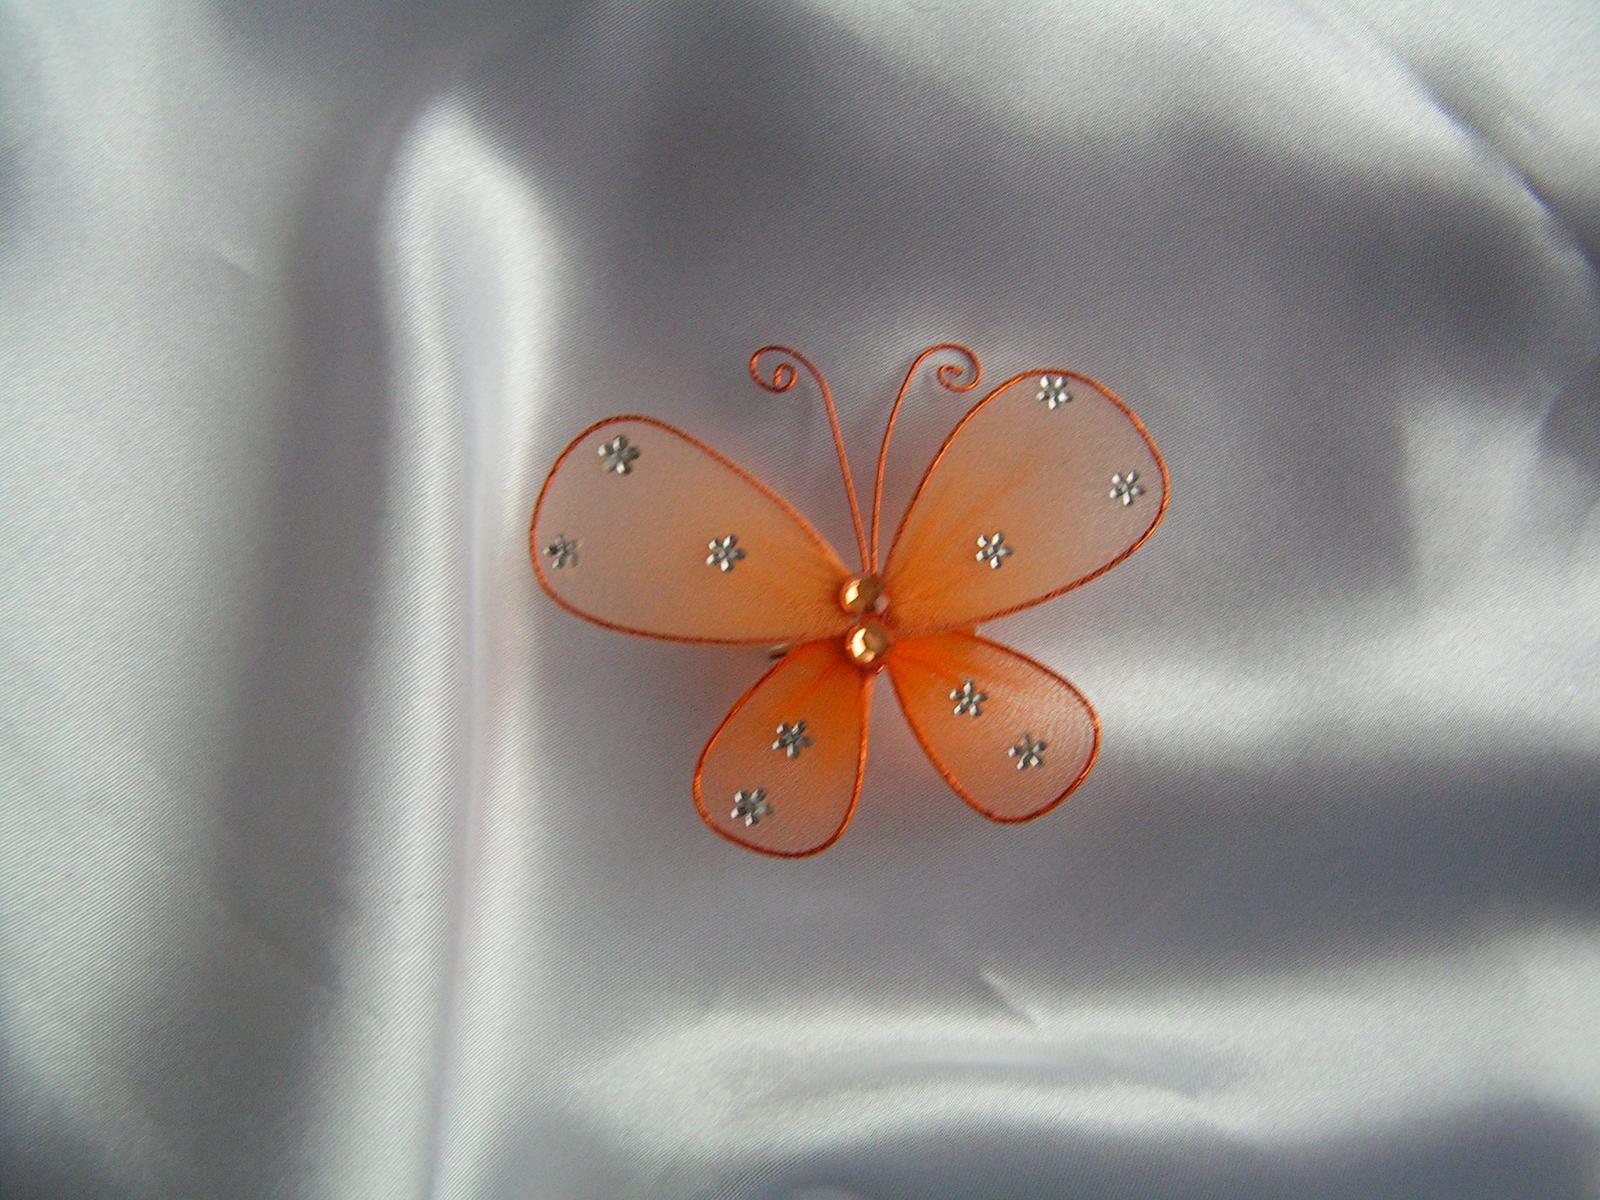 Motýl na zavíracím špendlíku - Obrázek č. 1